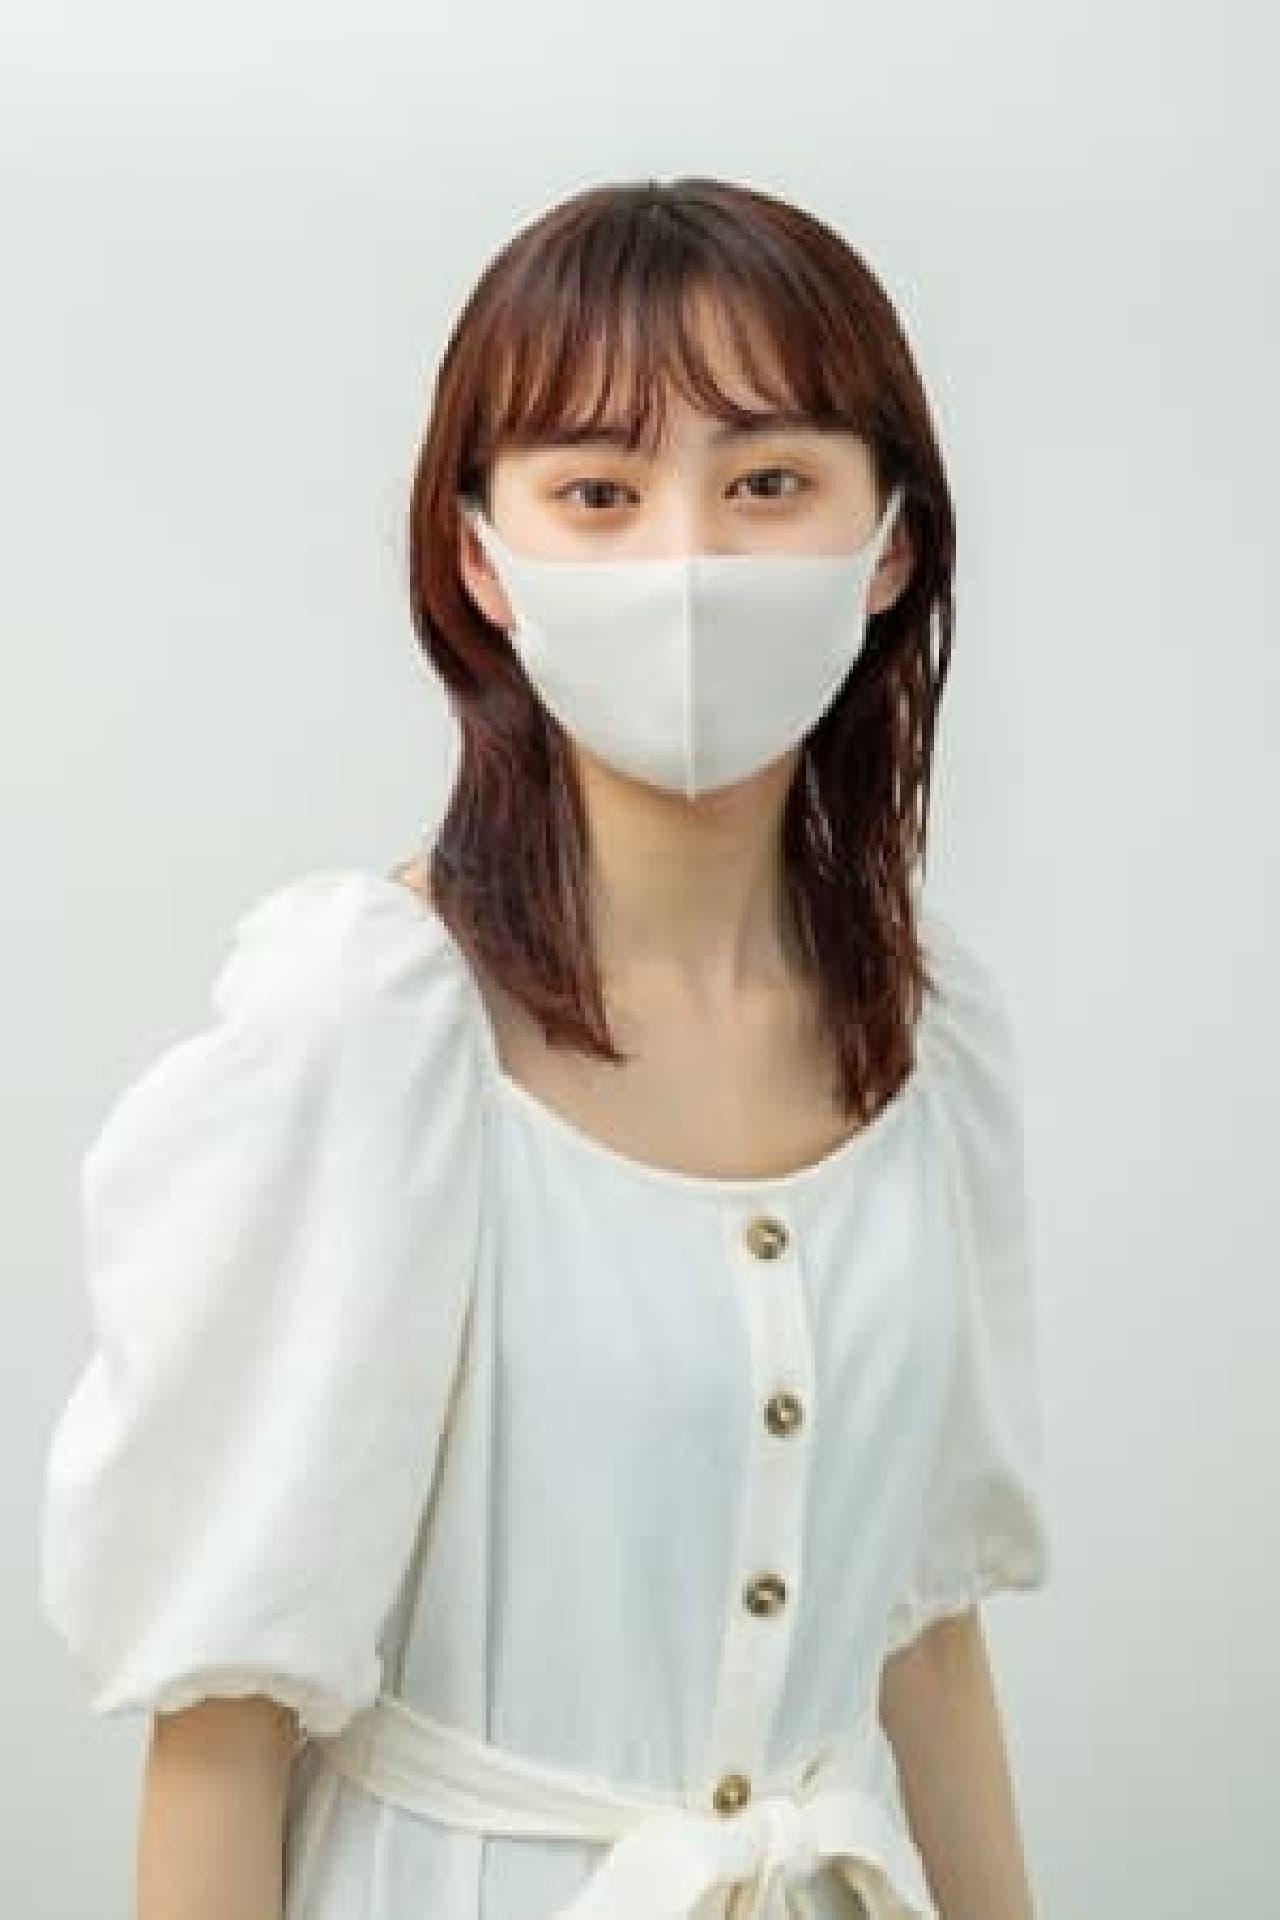 涼感素材のマスク「ANYe(エニー)」 -- 抗菌や防臭効果も